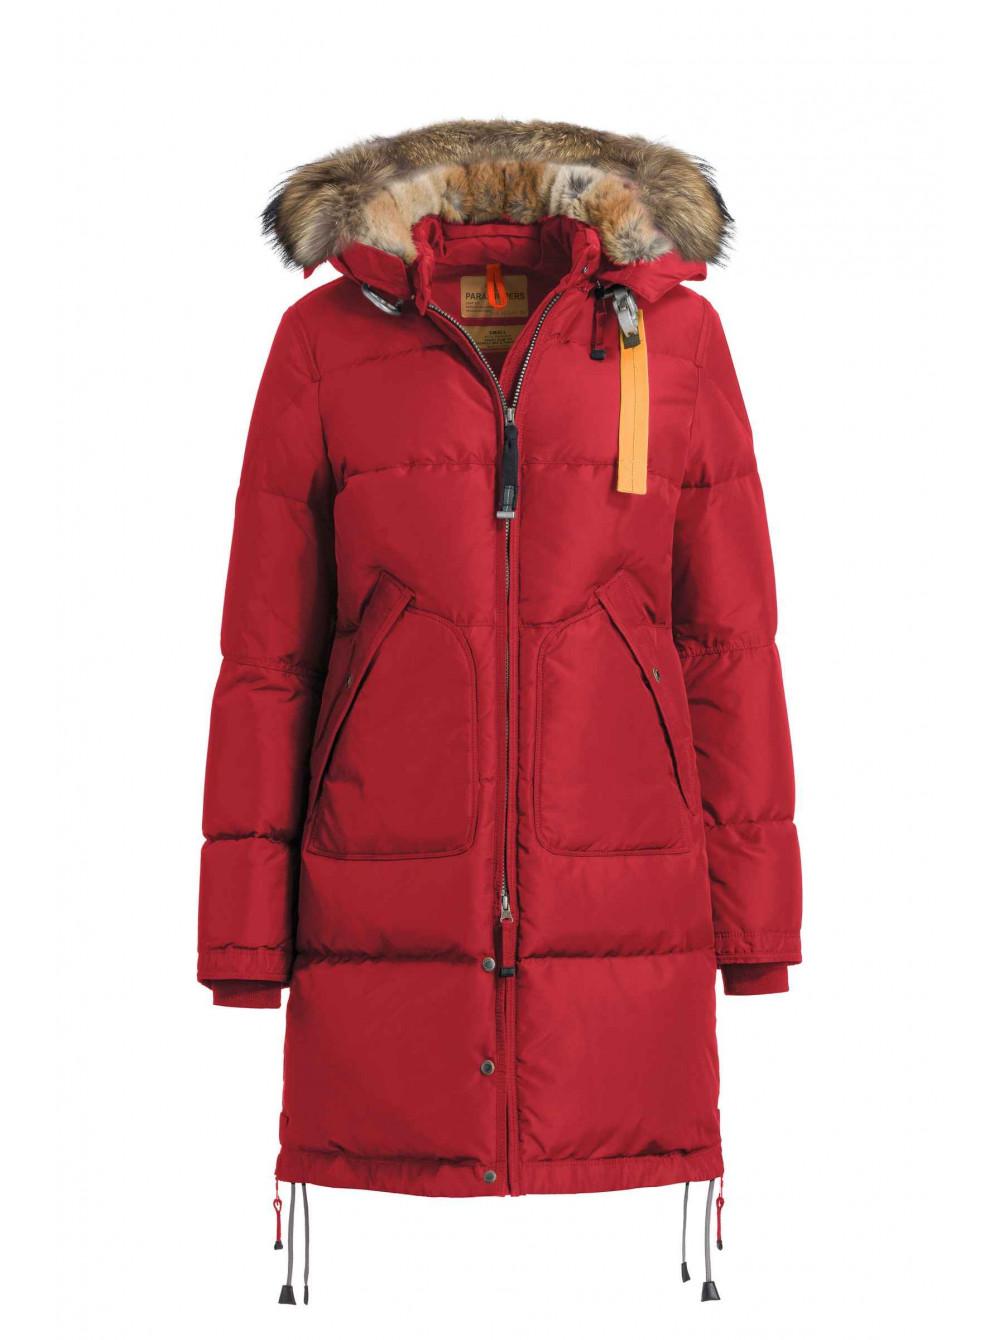 45cd174aa9b Купить Пуховик Parajumpers Long Bear красный оригинал